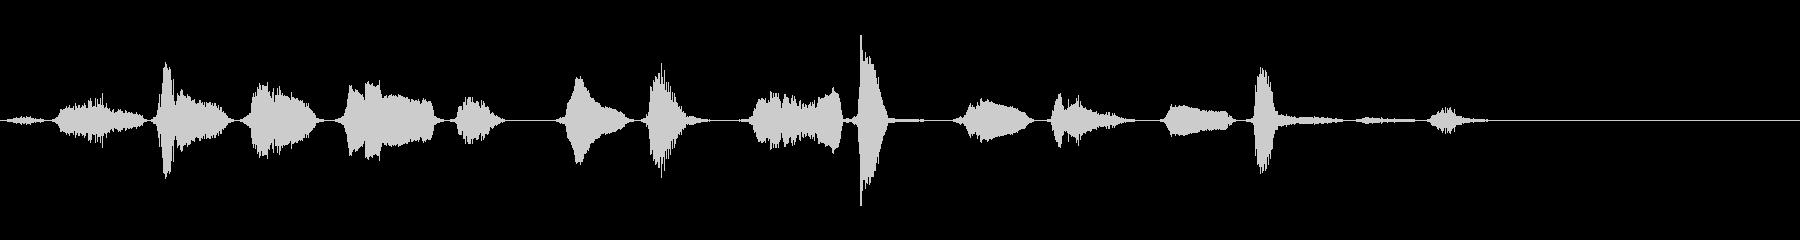 ゾンビ男性呼吸5の未再生の波形